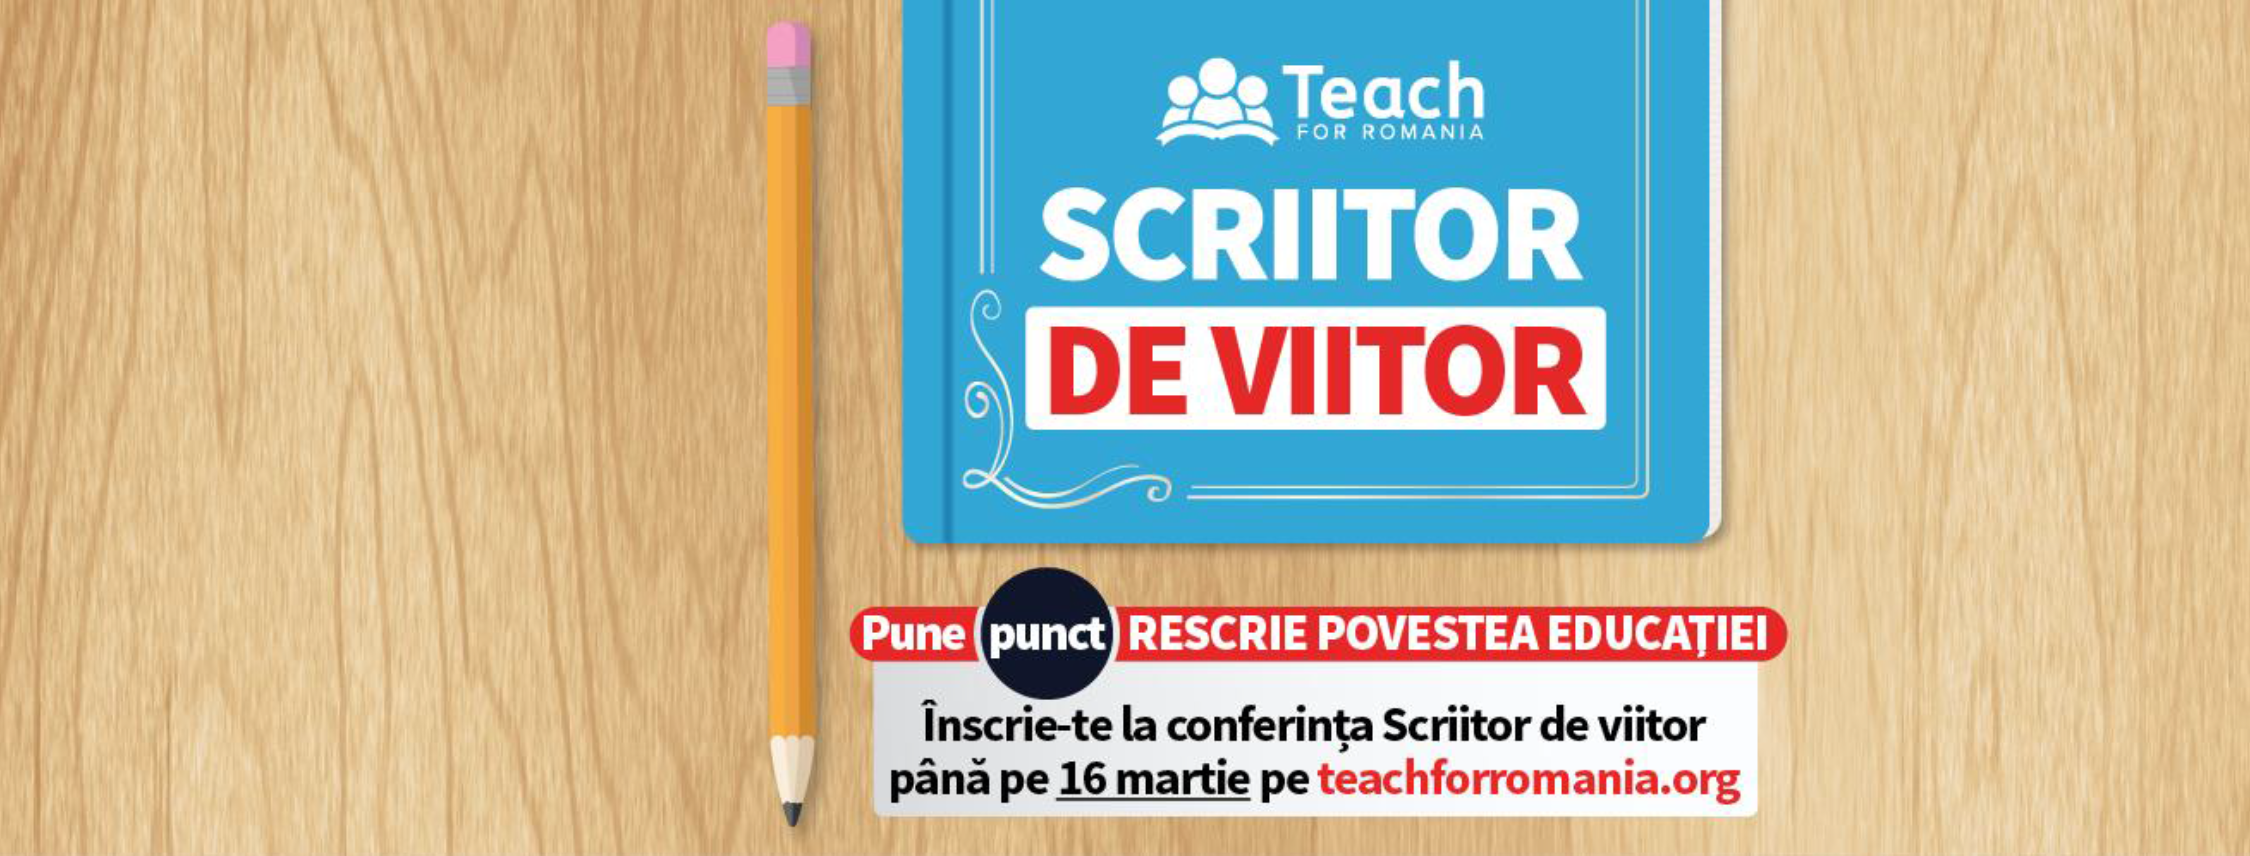 scriitor_pe_viitor_logo